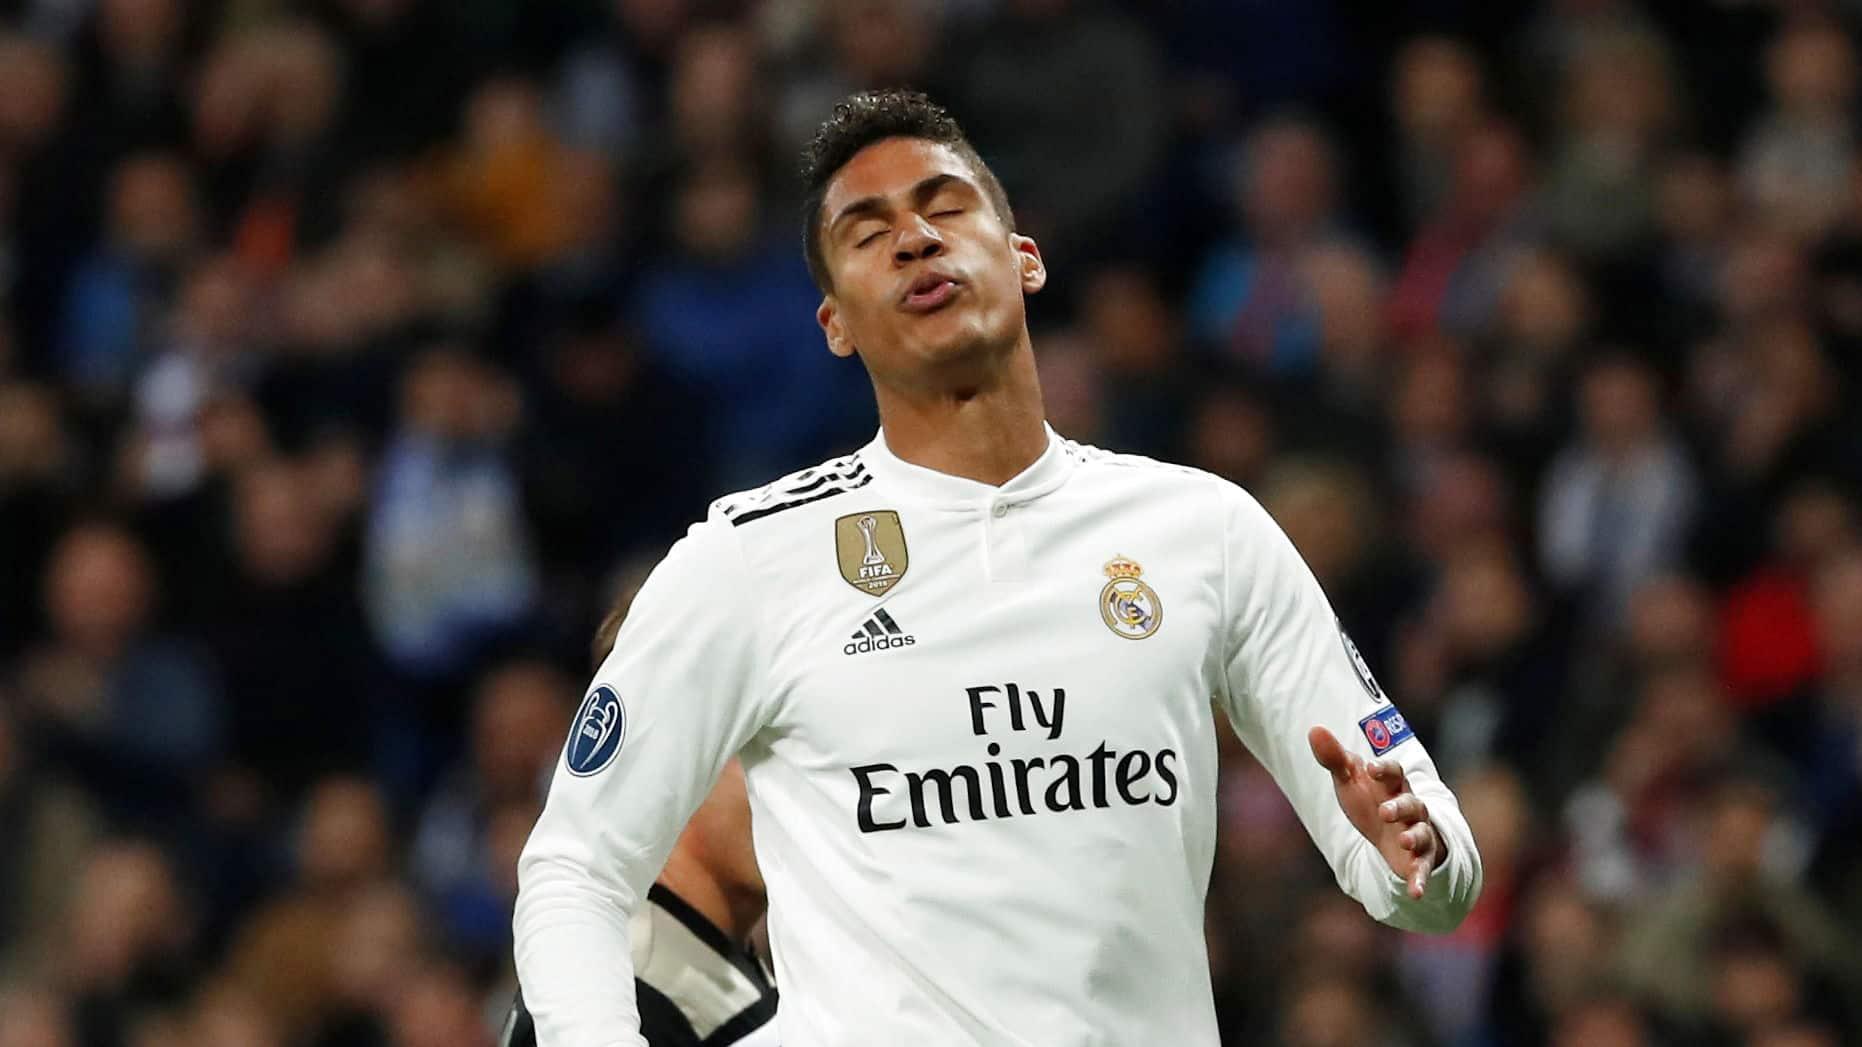 Så er Zidanes afløser klar: Her er Real Madrids nye træner